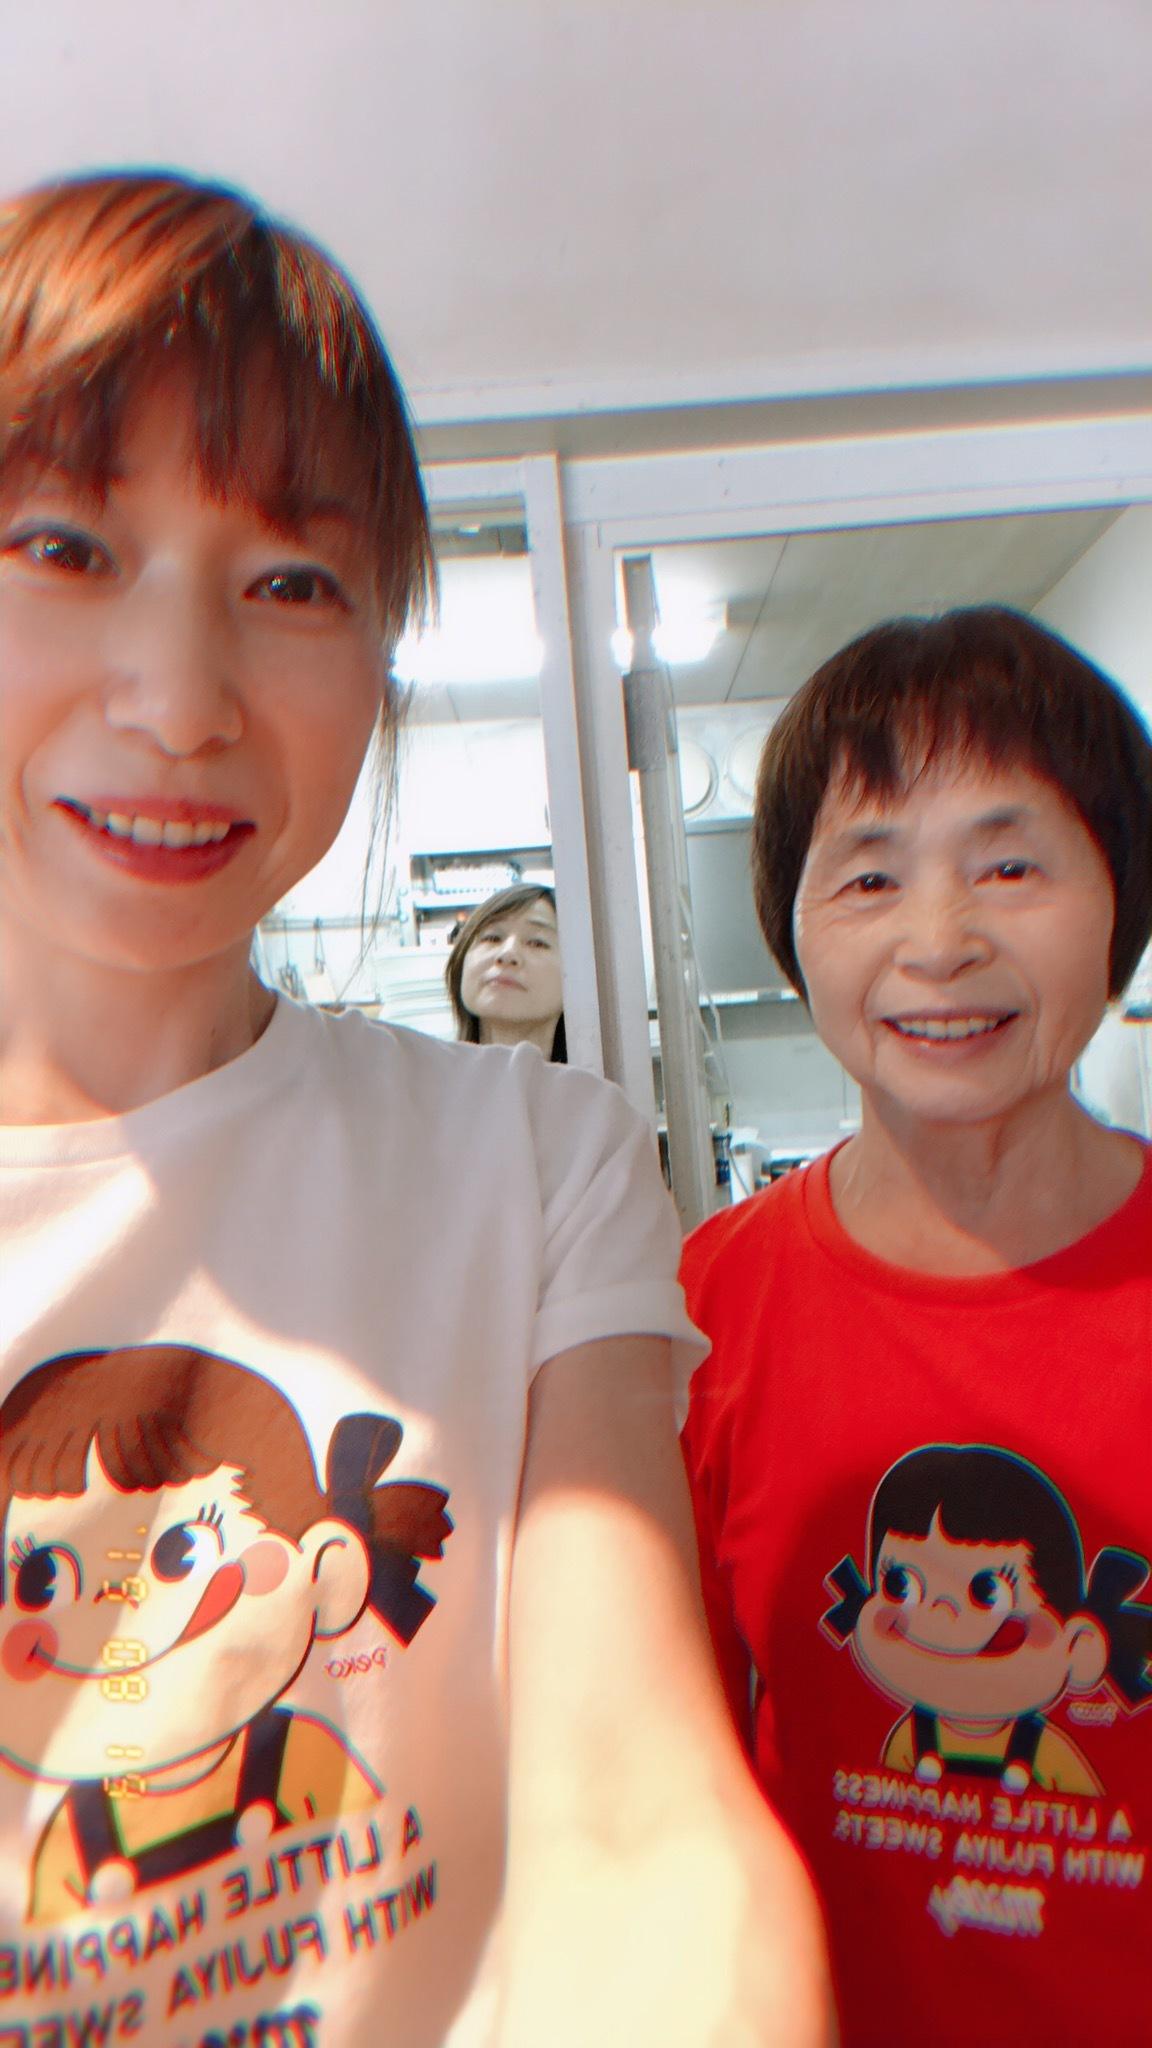 サチ子の、お気に入りのTシャツ 「ペコちゃん」_c0128487_20440438.jpeg